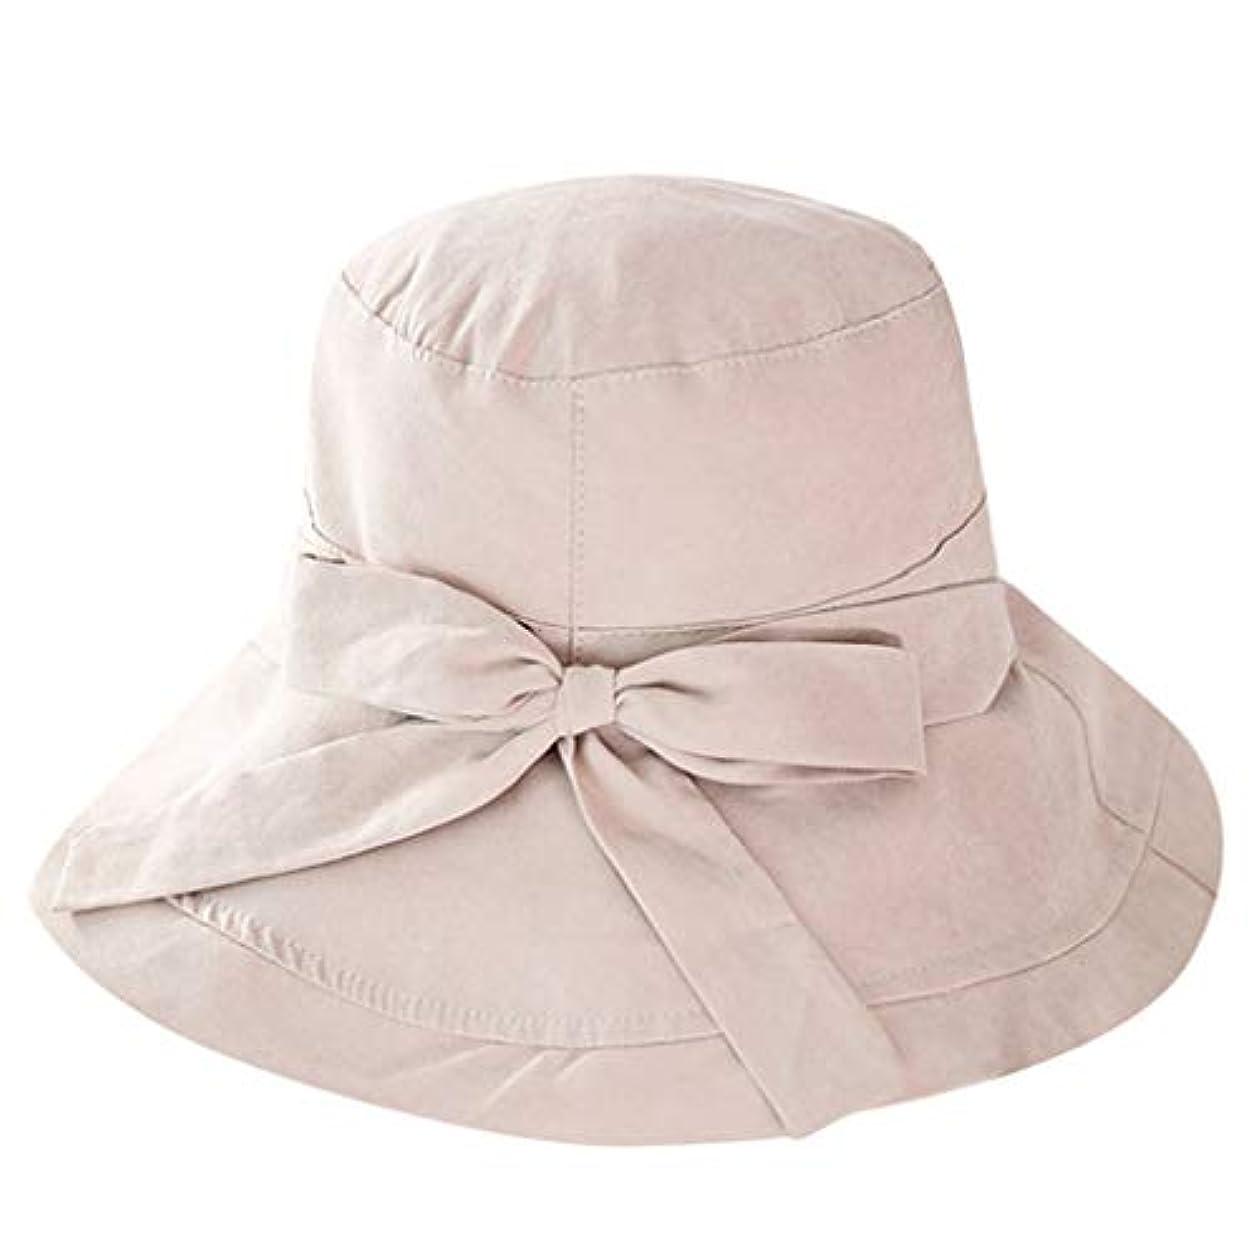 かなりの長くする会話帽子 レディース 夏 綿 つば広い おしゃれ シンプル カジュアル UVカット 帽子 ハット レディース おしゃれ 可愛い 夏 小顔効果 折りたたみ サイズ調節可 蝶結び 森ガール オールシーズン ROSE ROMAN